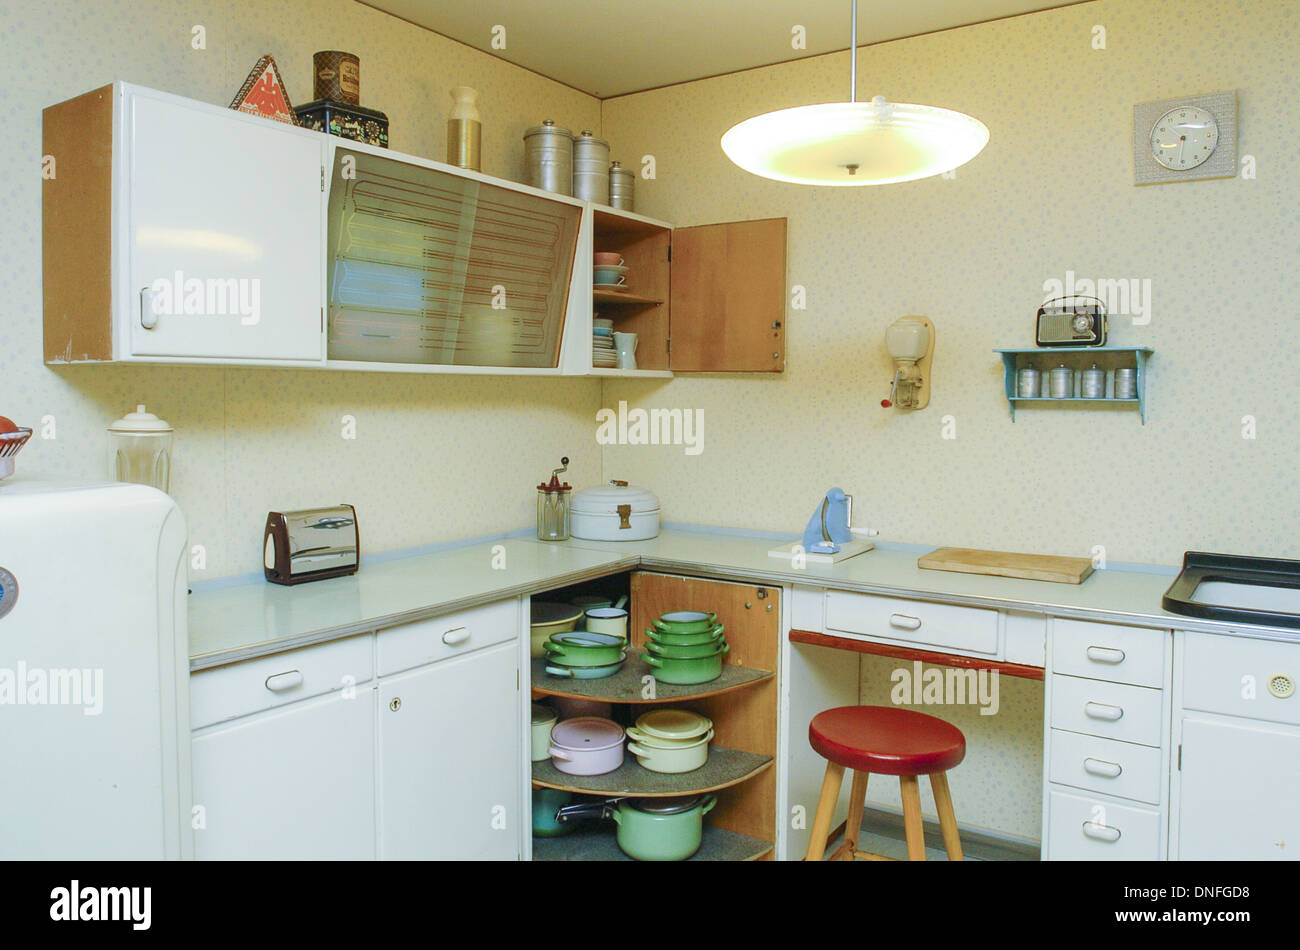 Wohnung im 50er Jahre Stil, Küche Stockfoto, Bild: 64881076 ...